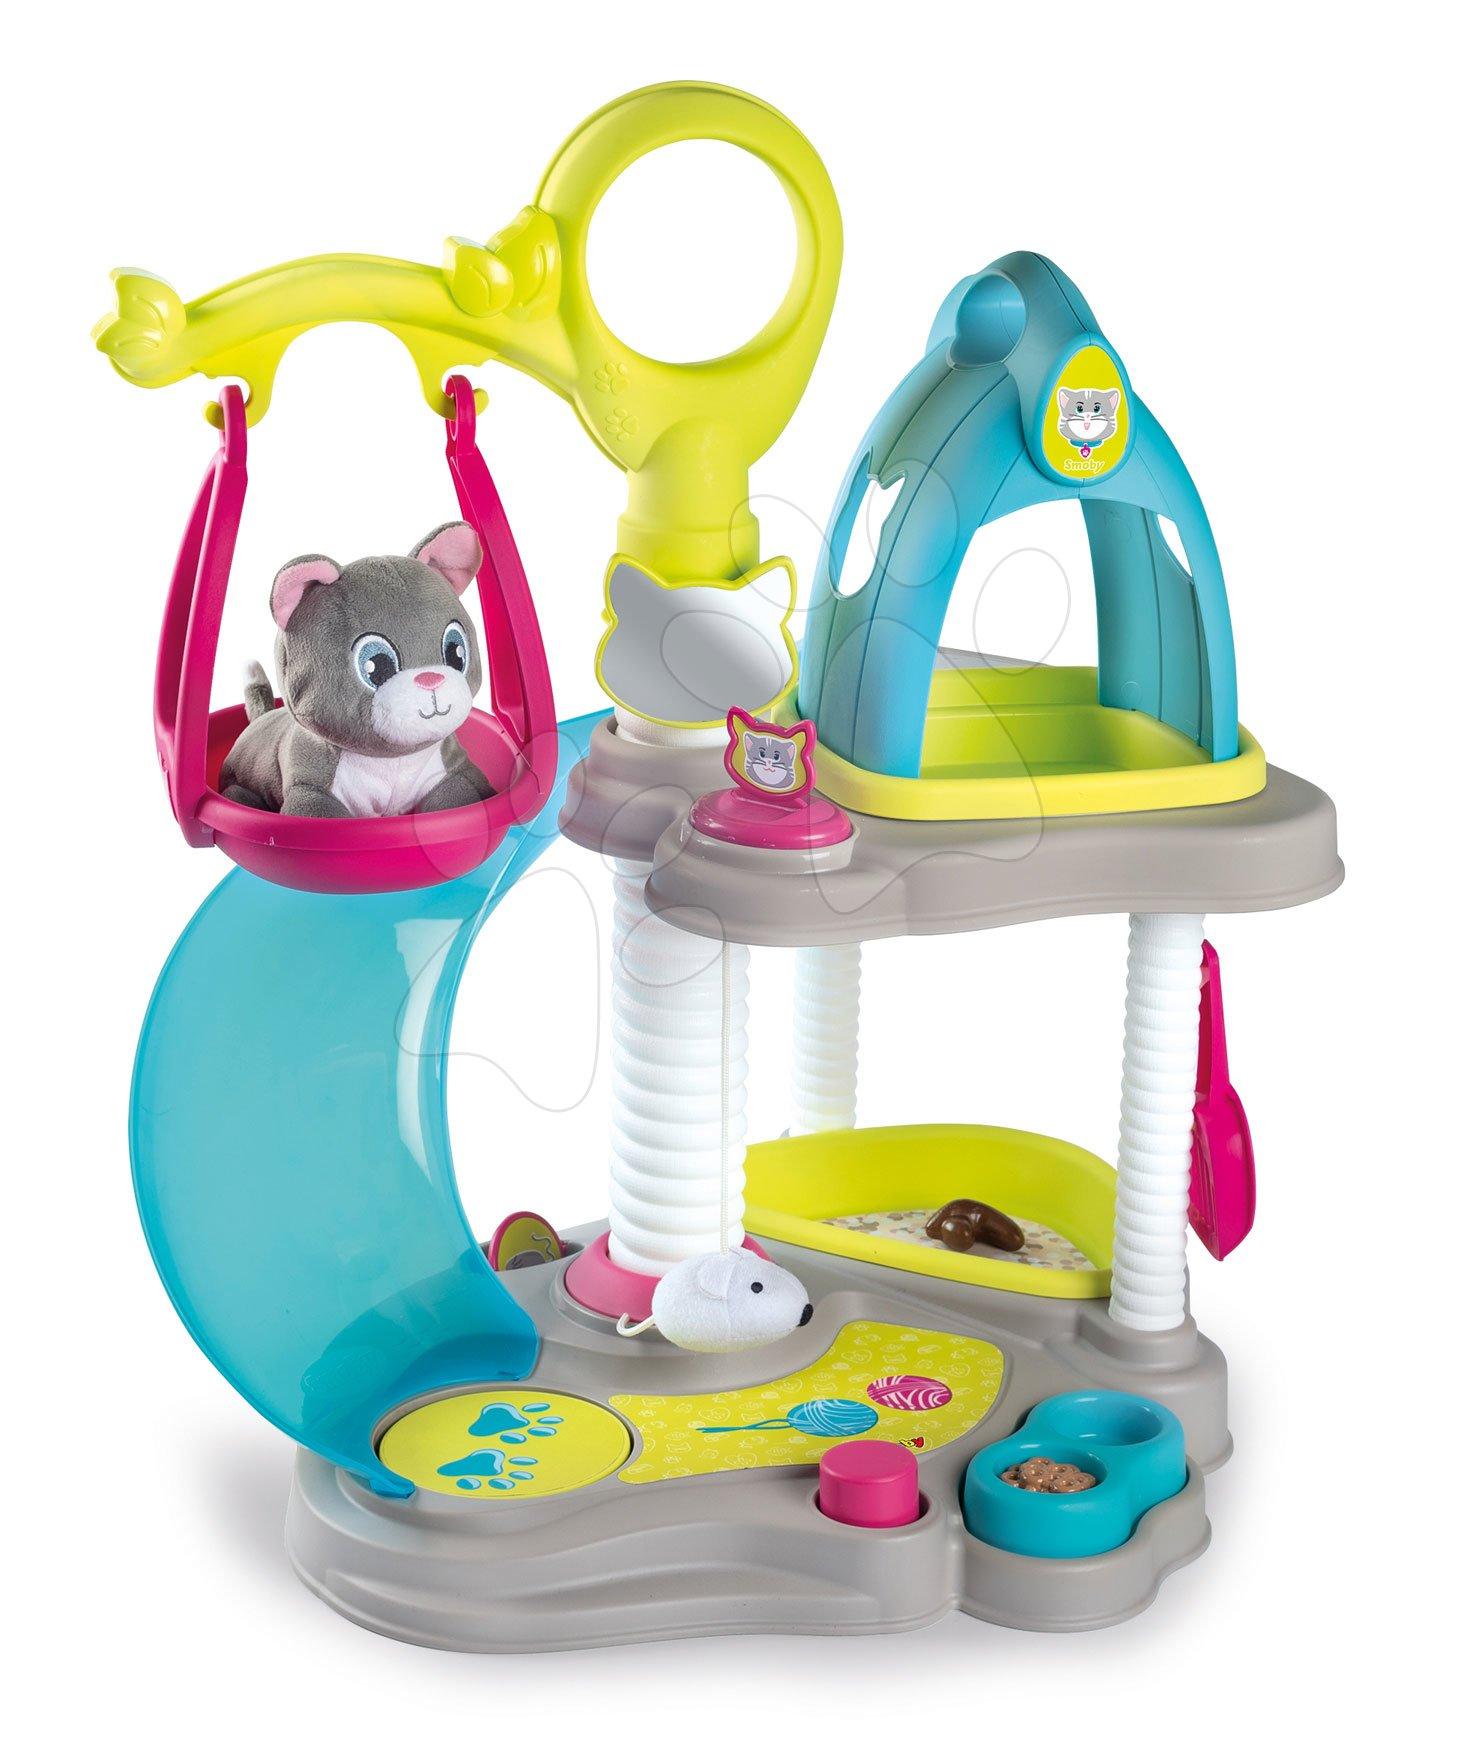 Domčeky pre bábiky - Domček pre mačičku Cat's House Veterinary Smoby elektronický so zvukmi a šmykľavka s hojdačkou a 6 doplnkov